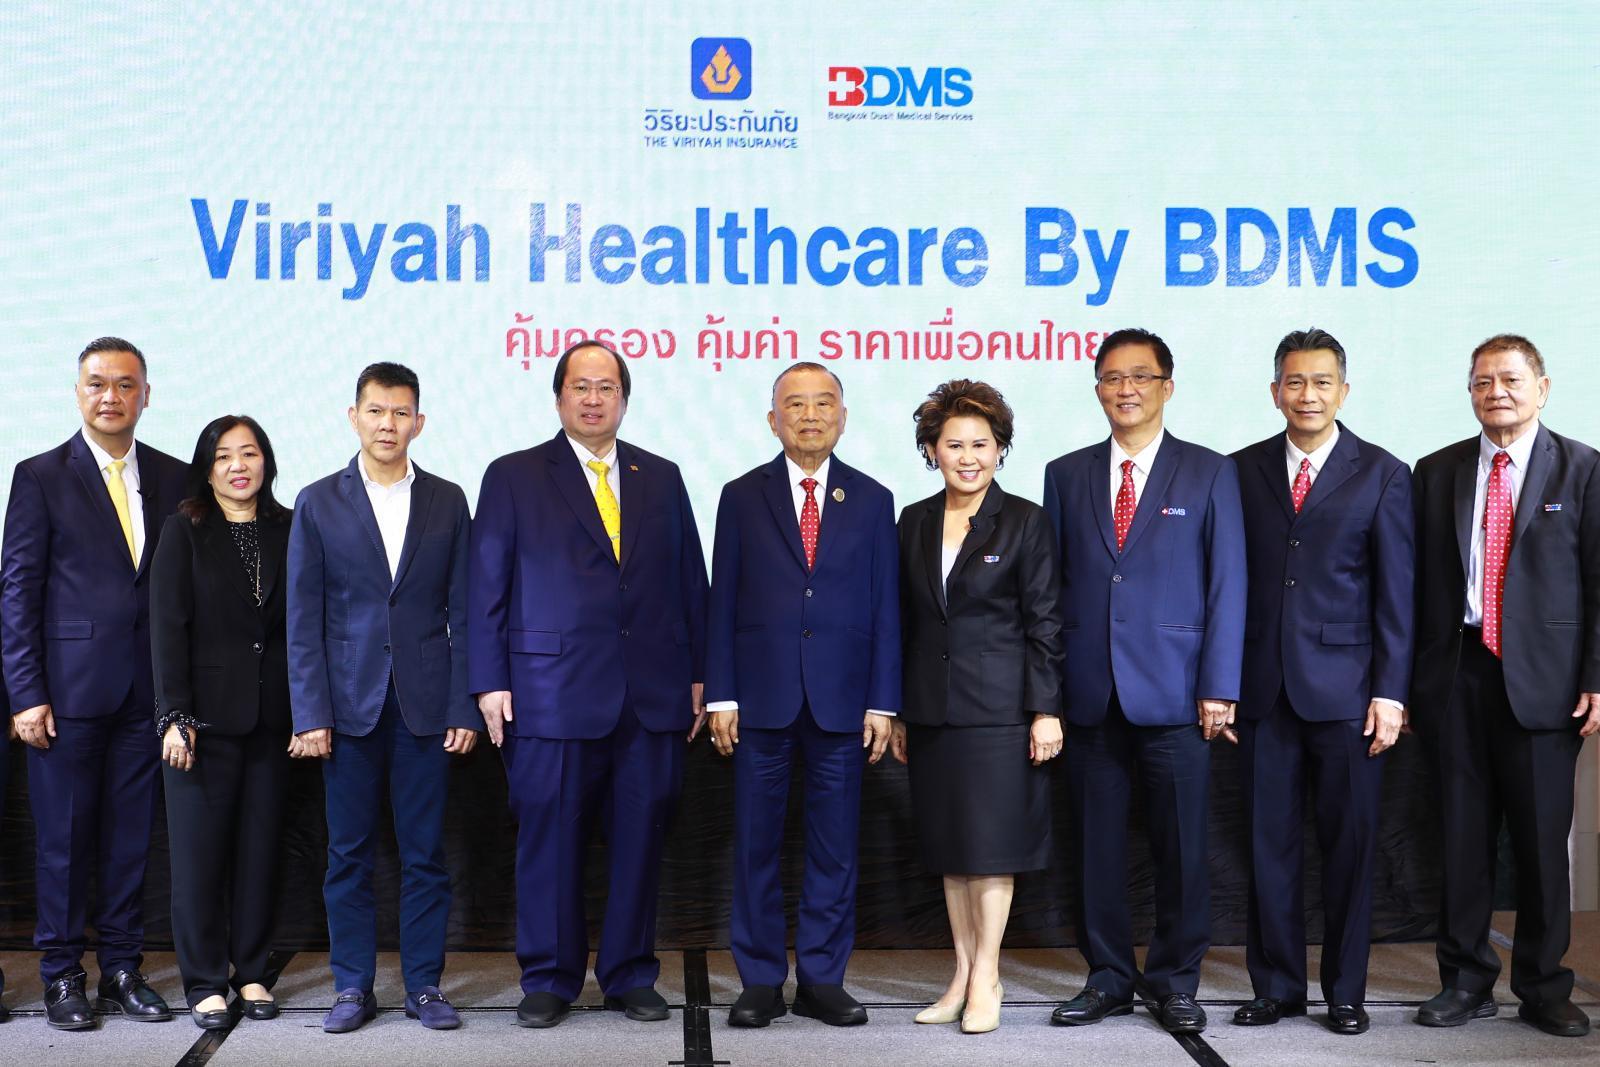 วิริยะ - บีดีเอ็มเอส  ตอบโจทย์คุณภาพชีวิตคนไทย ดันประกันภัยสุขภาพเบี้ยต่ำ